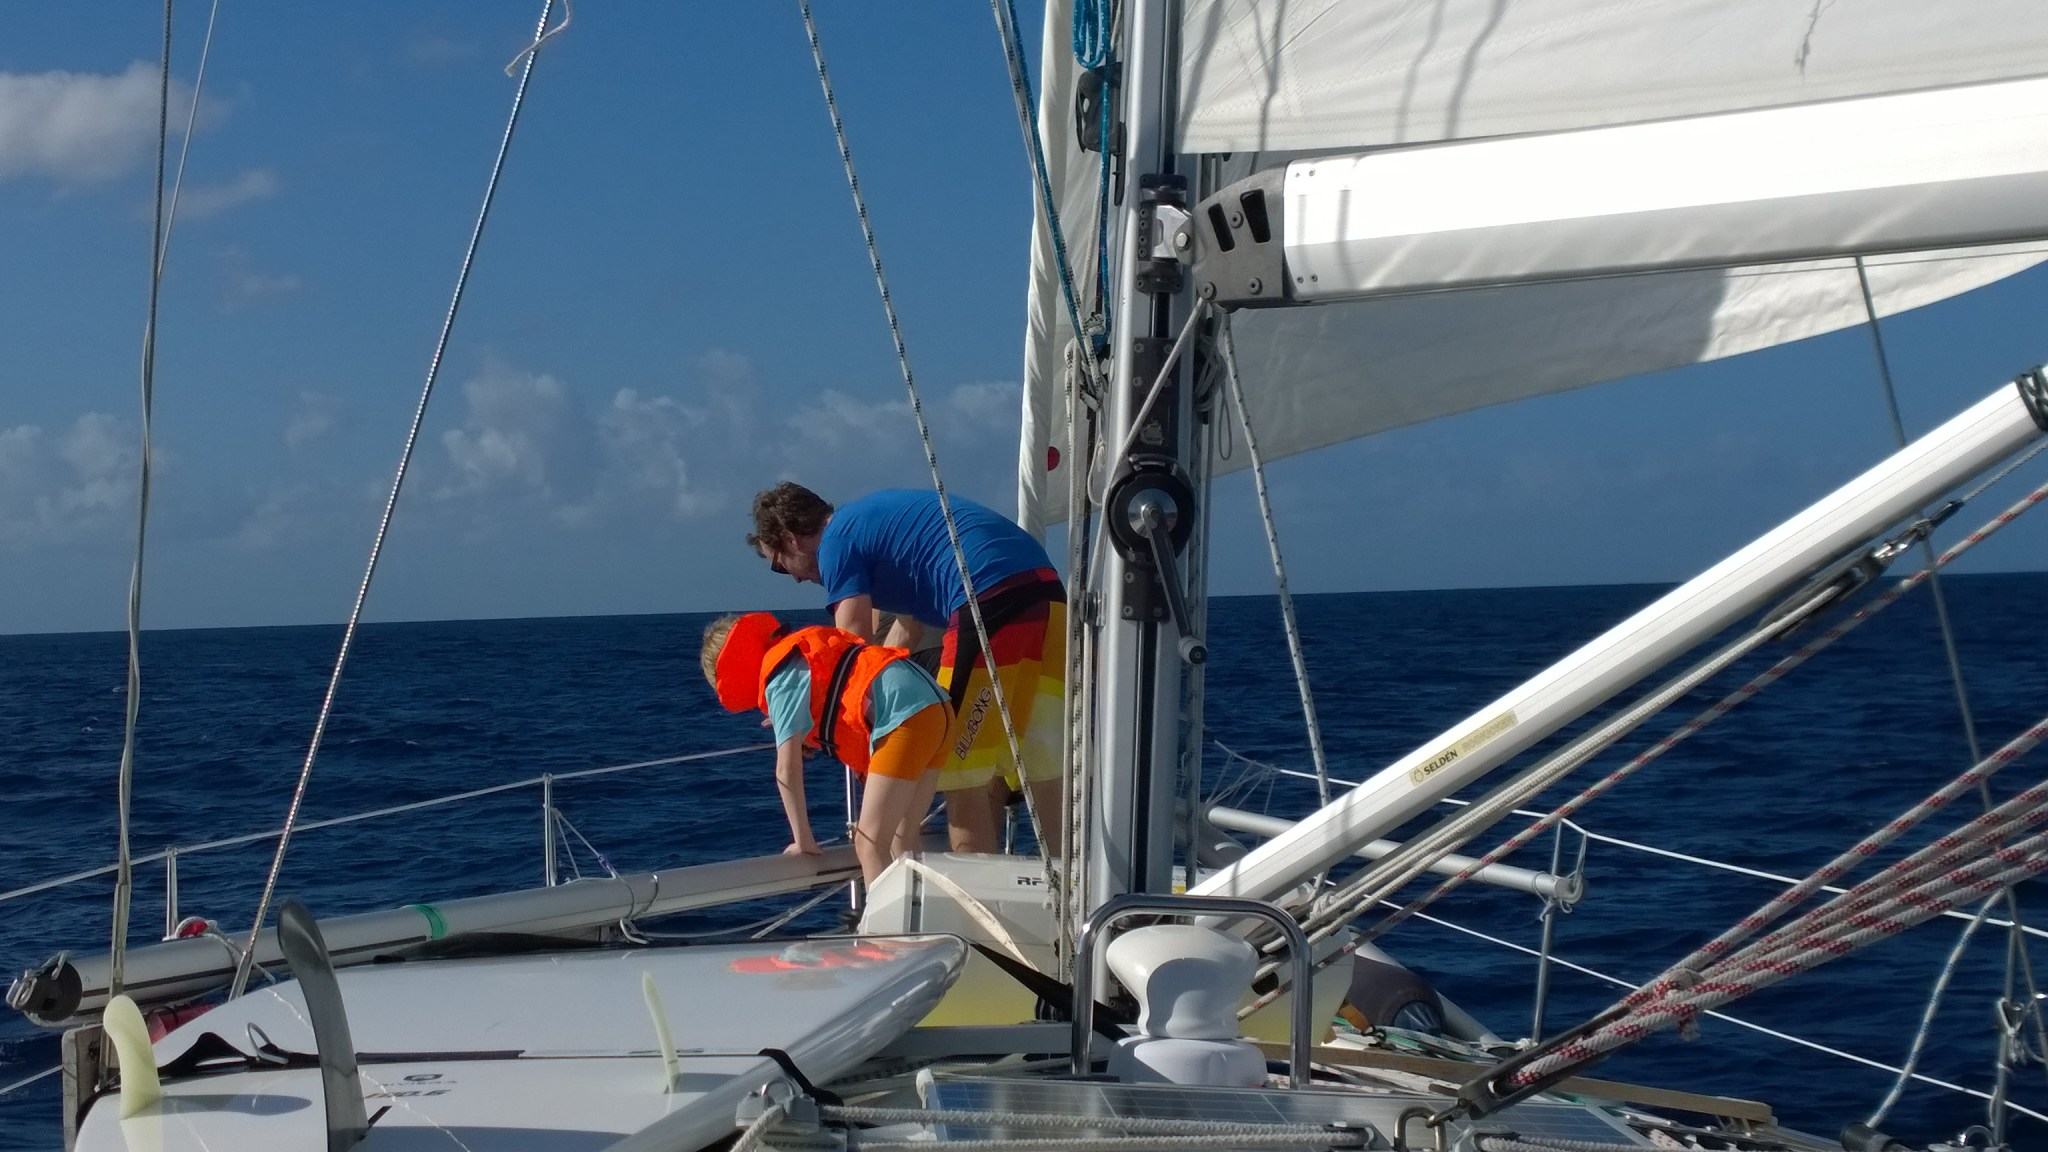 Sen sijaan delfiinit tulivat moikkaamaan! Kaverit ui aivan keulassa veneen ali ja ympäri.